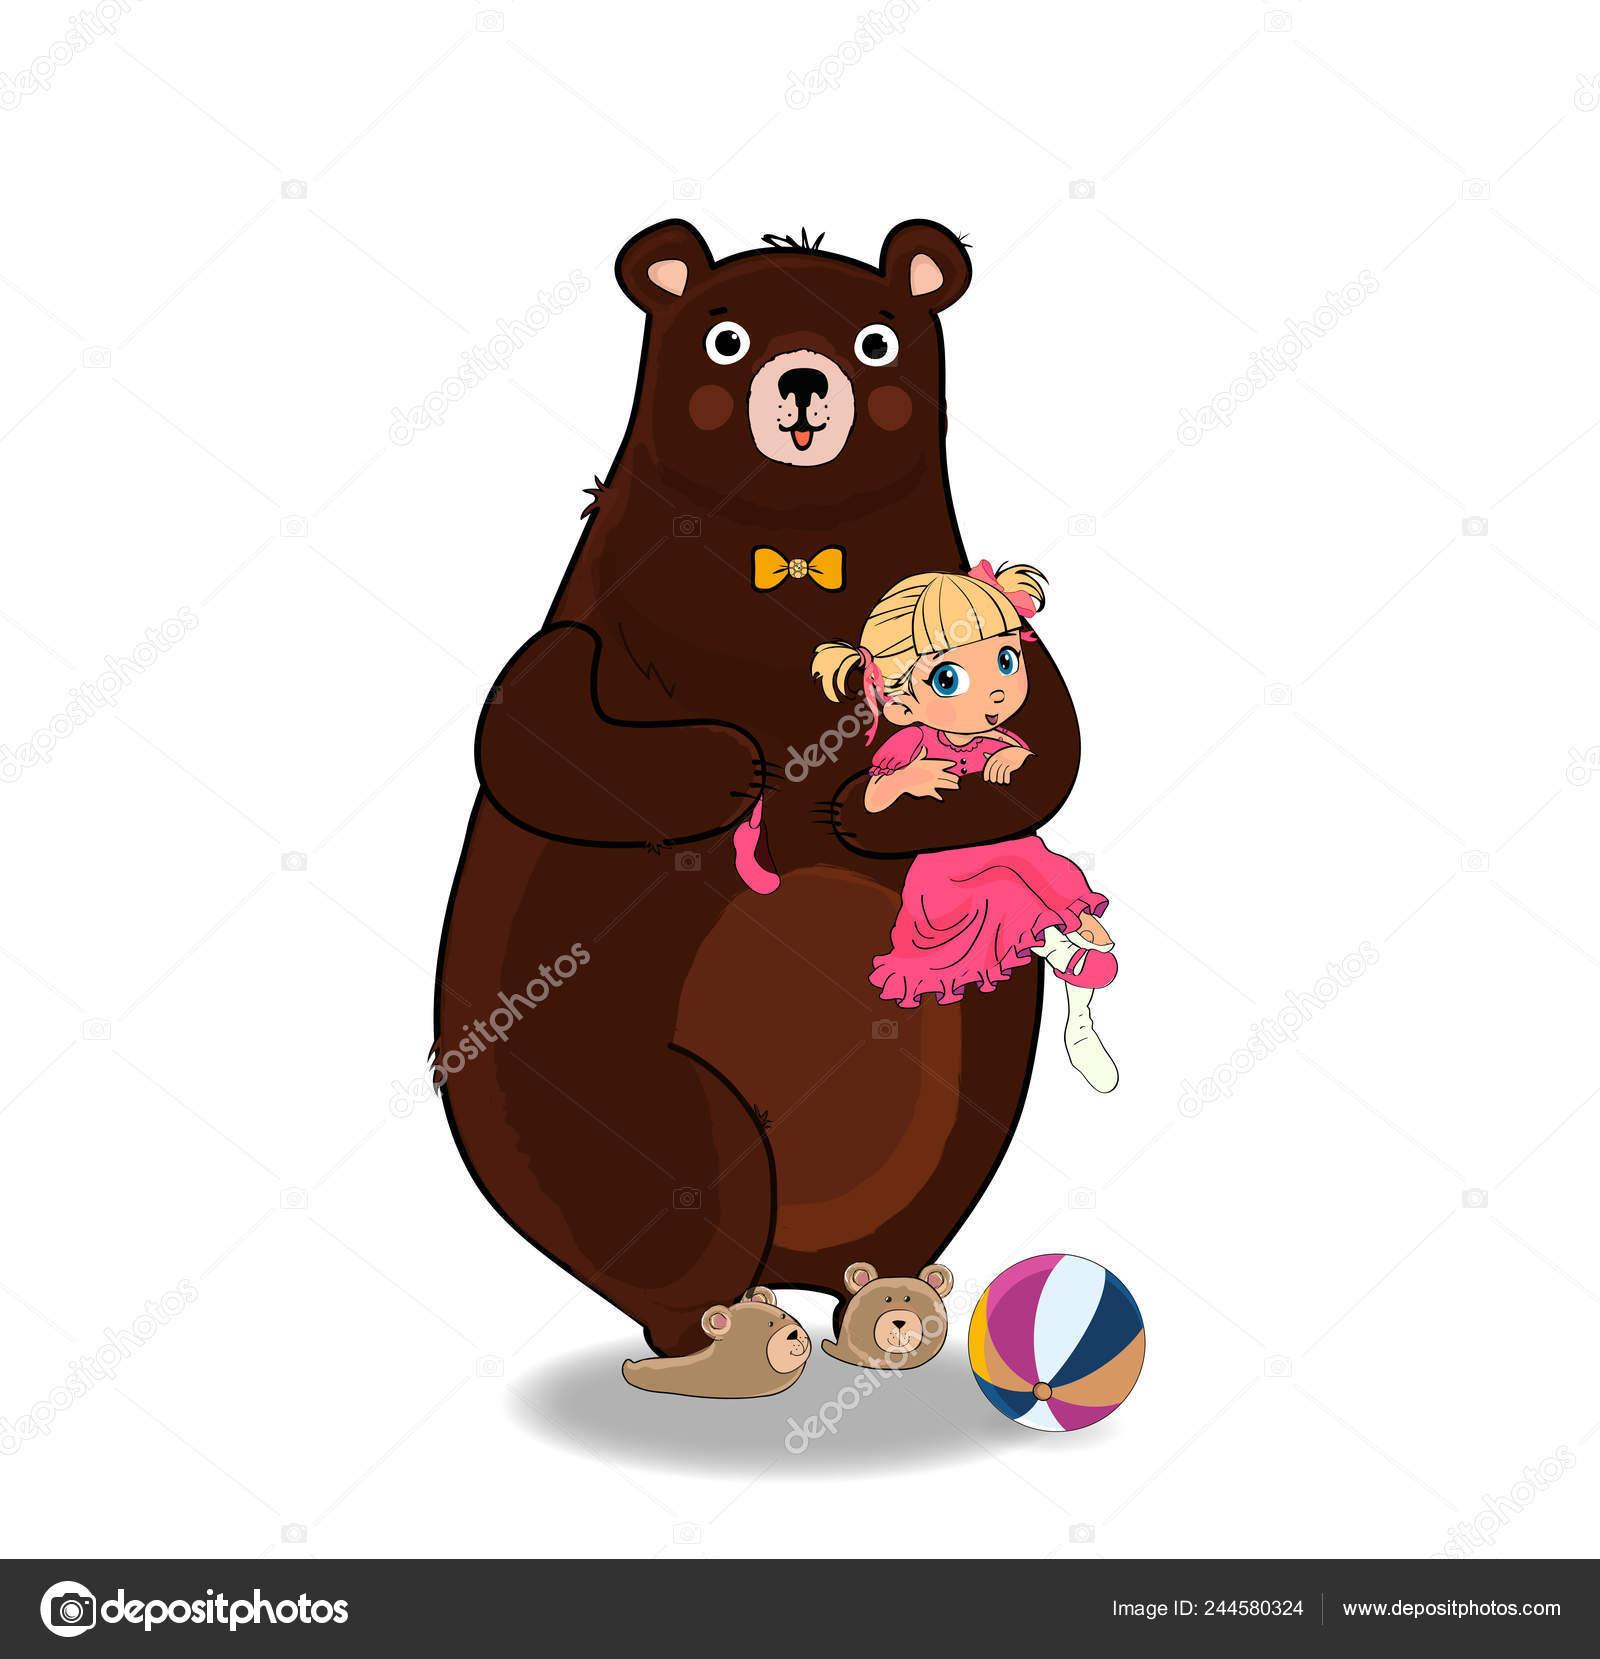 91797b121972 ... vestido con corbata y zapatillas en abrazarse y celebrar en patas  Kawaii poco niña descalza en el vestido de princesa rosa aislada sobre  fondo blanco.